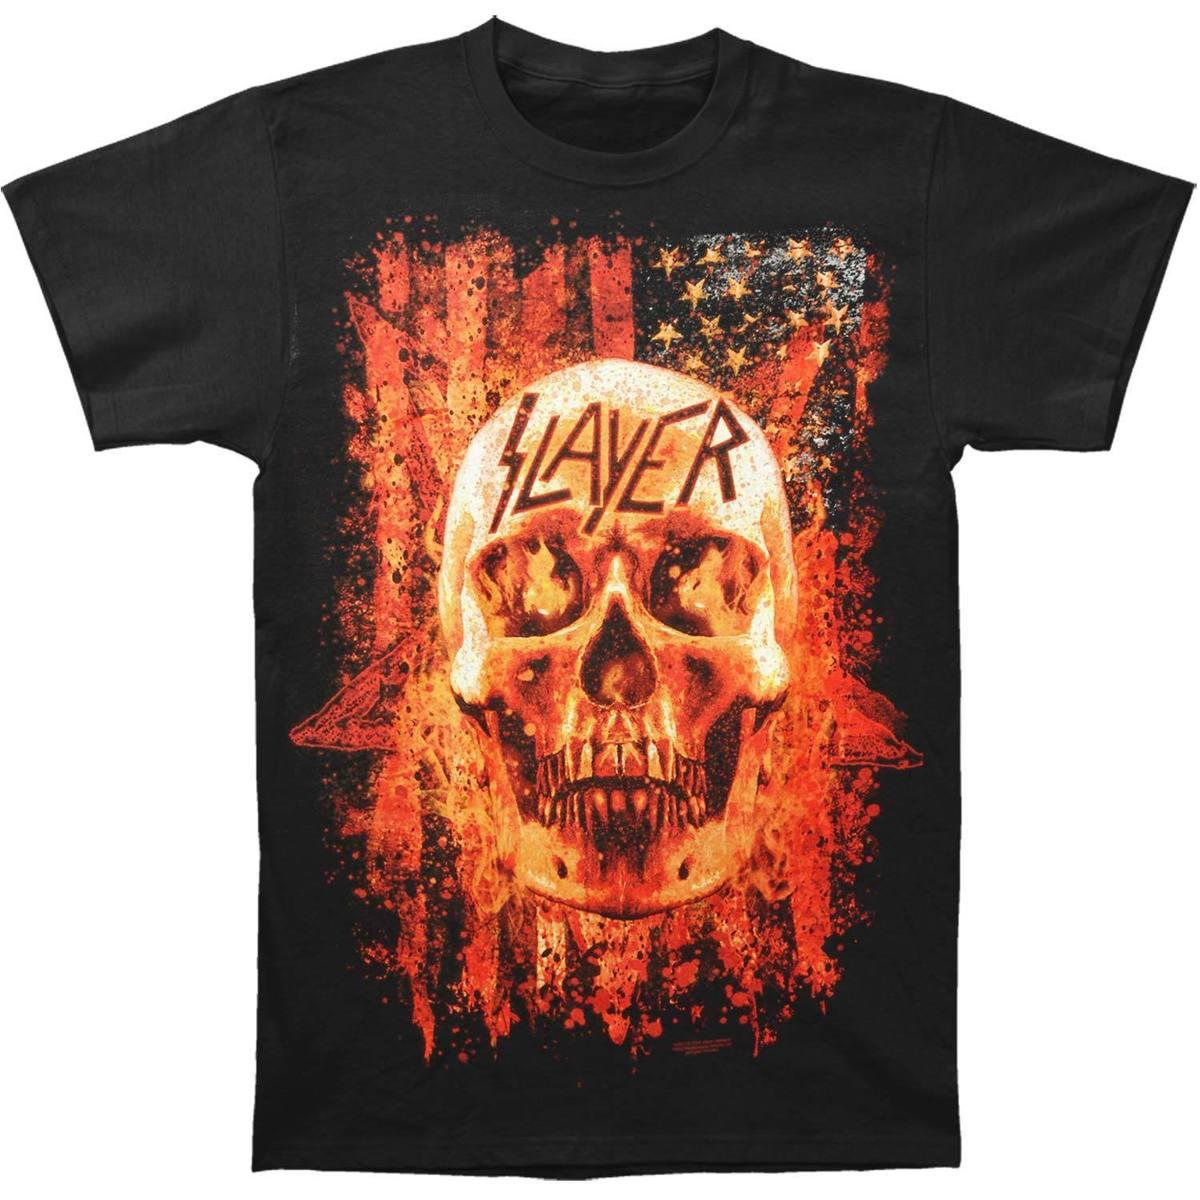 d038c210d94d Slayer Men'S Flag Skull Flames T Shirt Black Design T Shirts Casual Cool O  Neck Sunlight Men T Shirt Top Tee Short Sleeve Shirt Novelty T Shirts From  ...